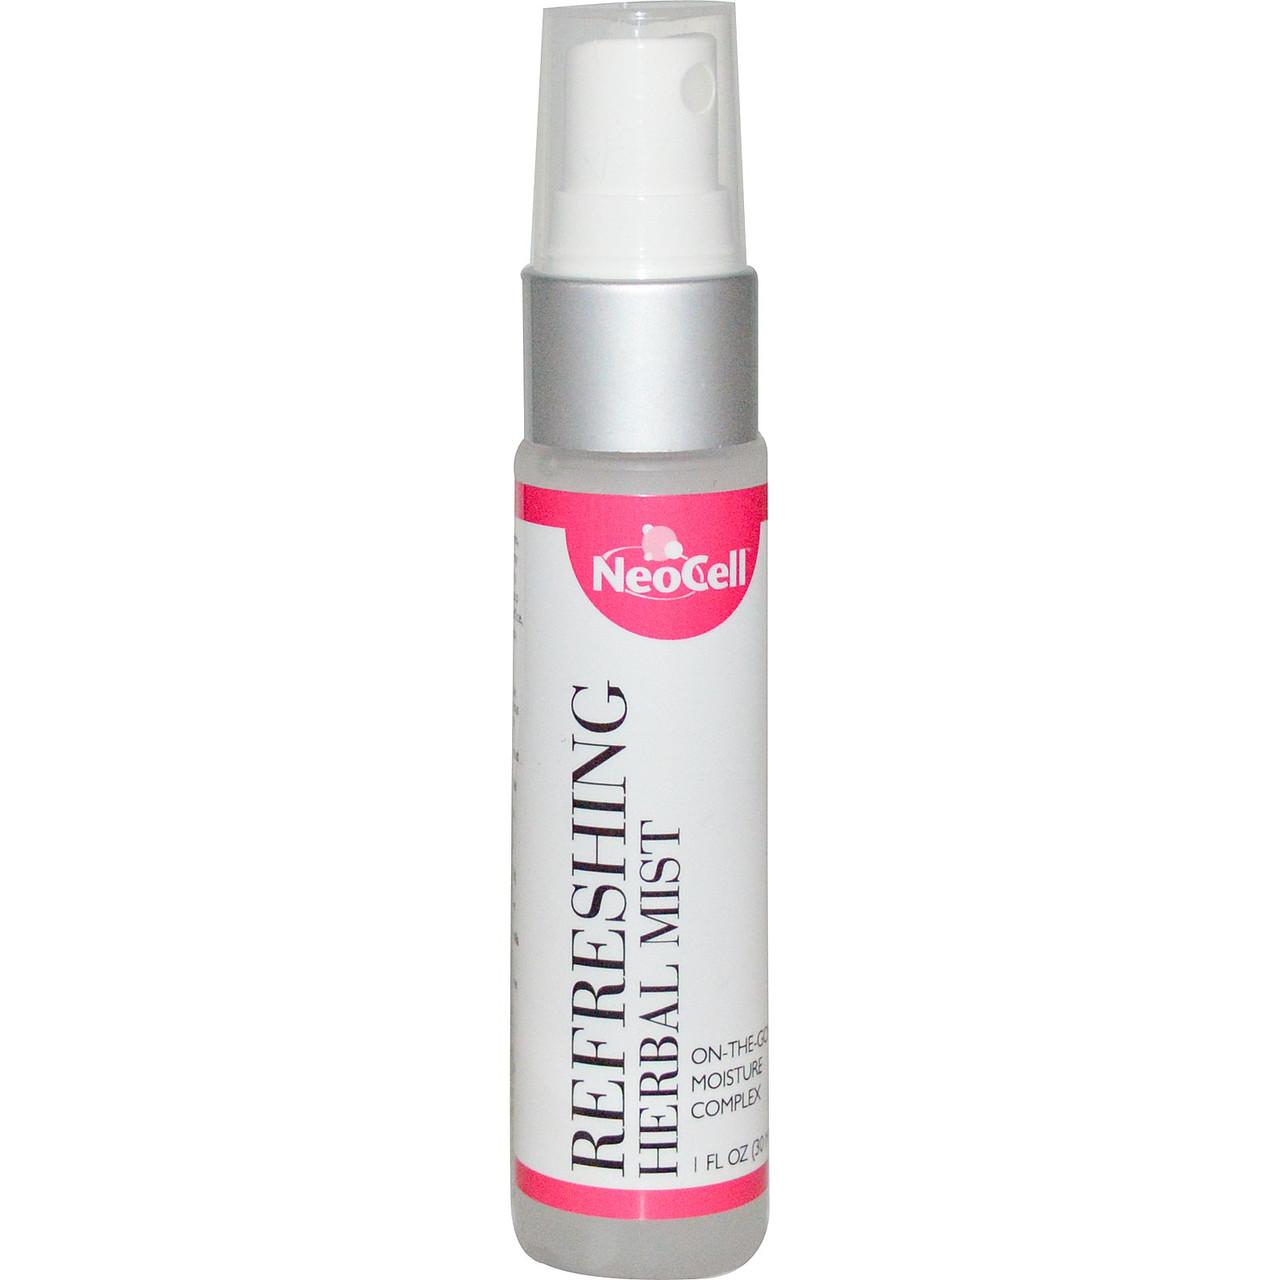 Спрей увлажнитель для лица Neocell с коллагеном, витаминами и травами, 30 мл